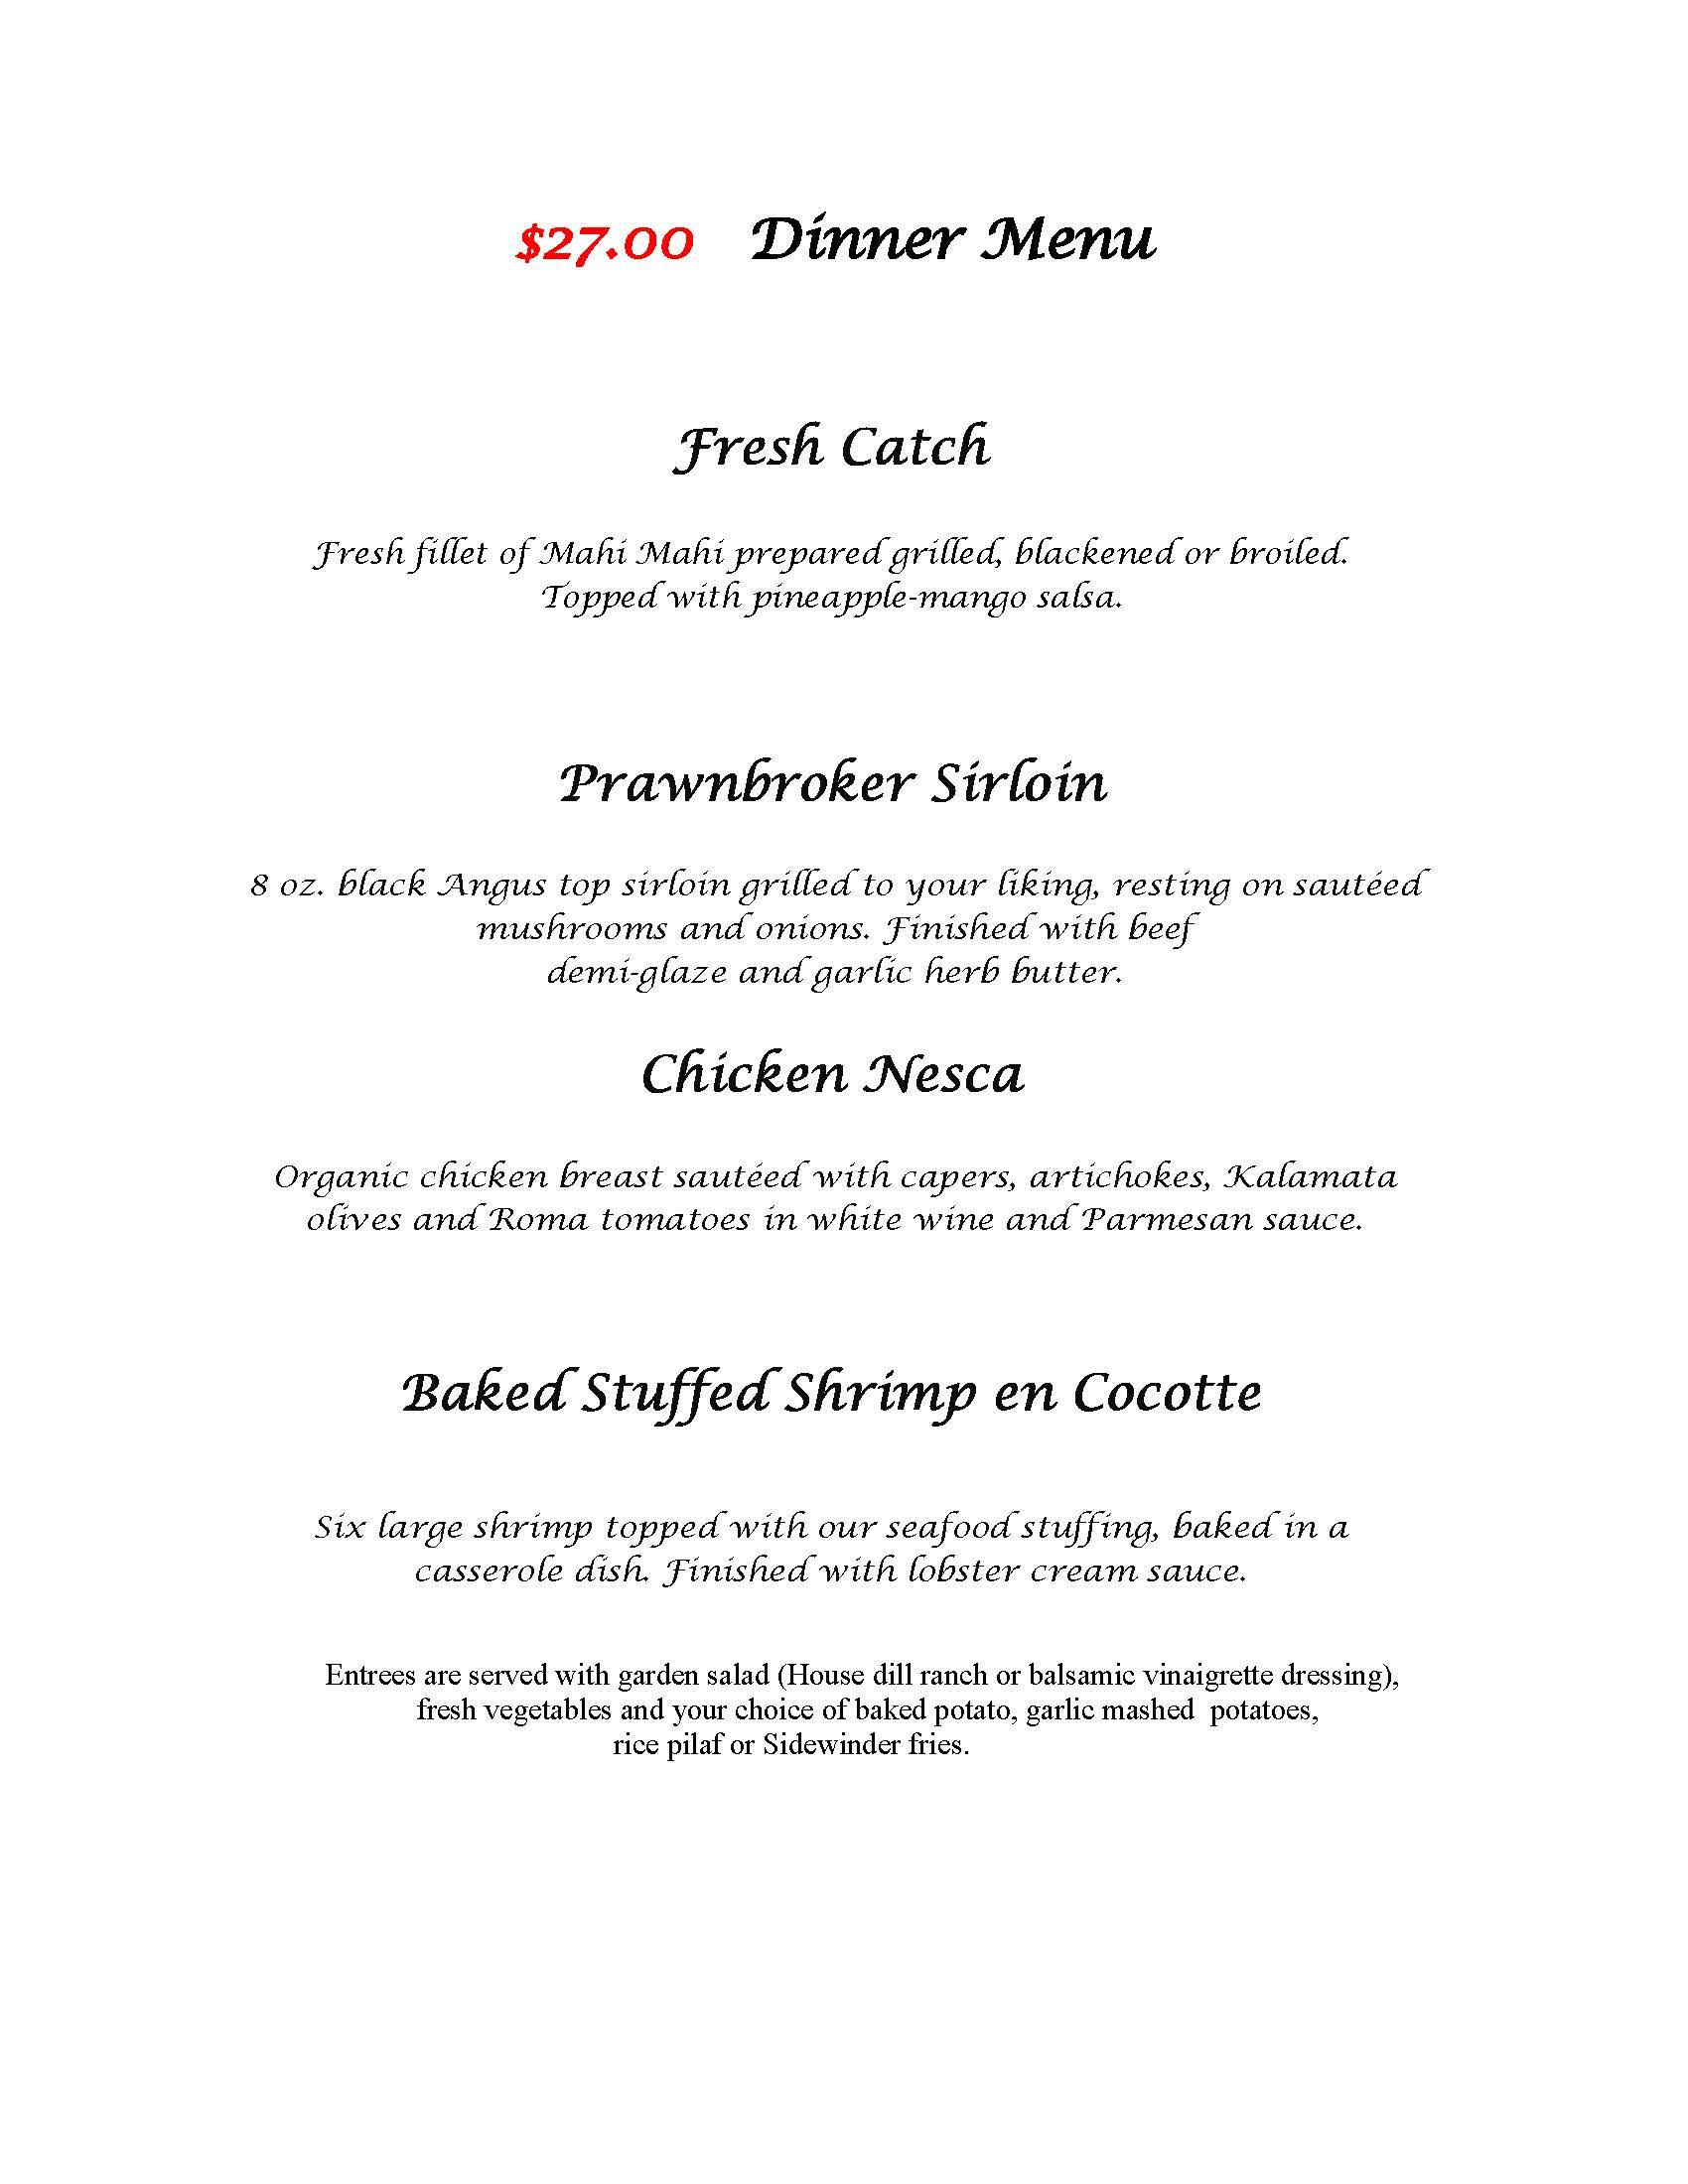 Banquet Dinner Menu | Prawnbroker Grill | Stuart Restaurants